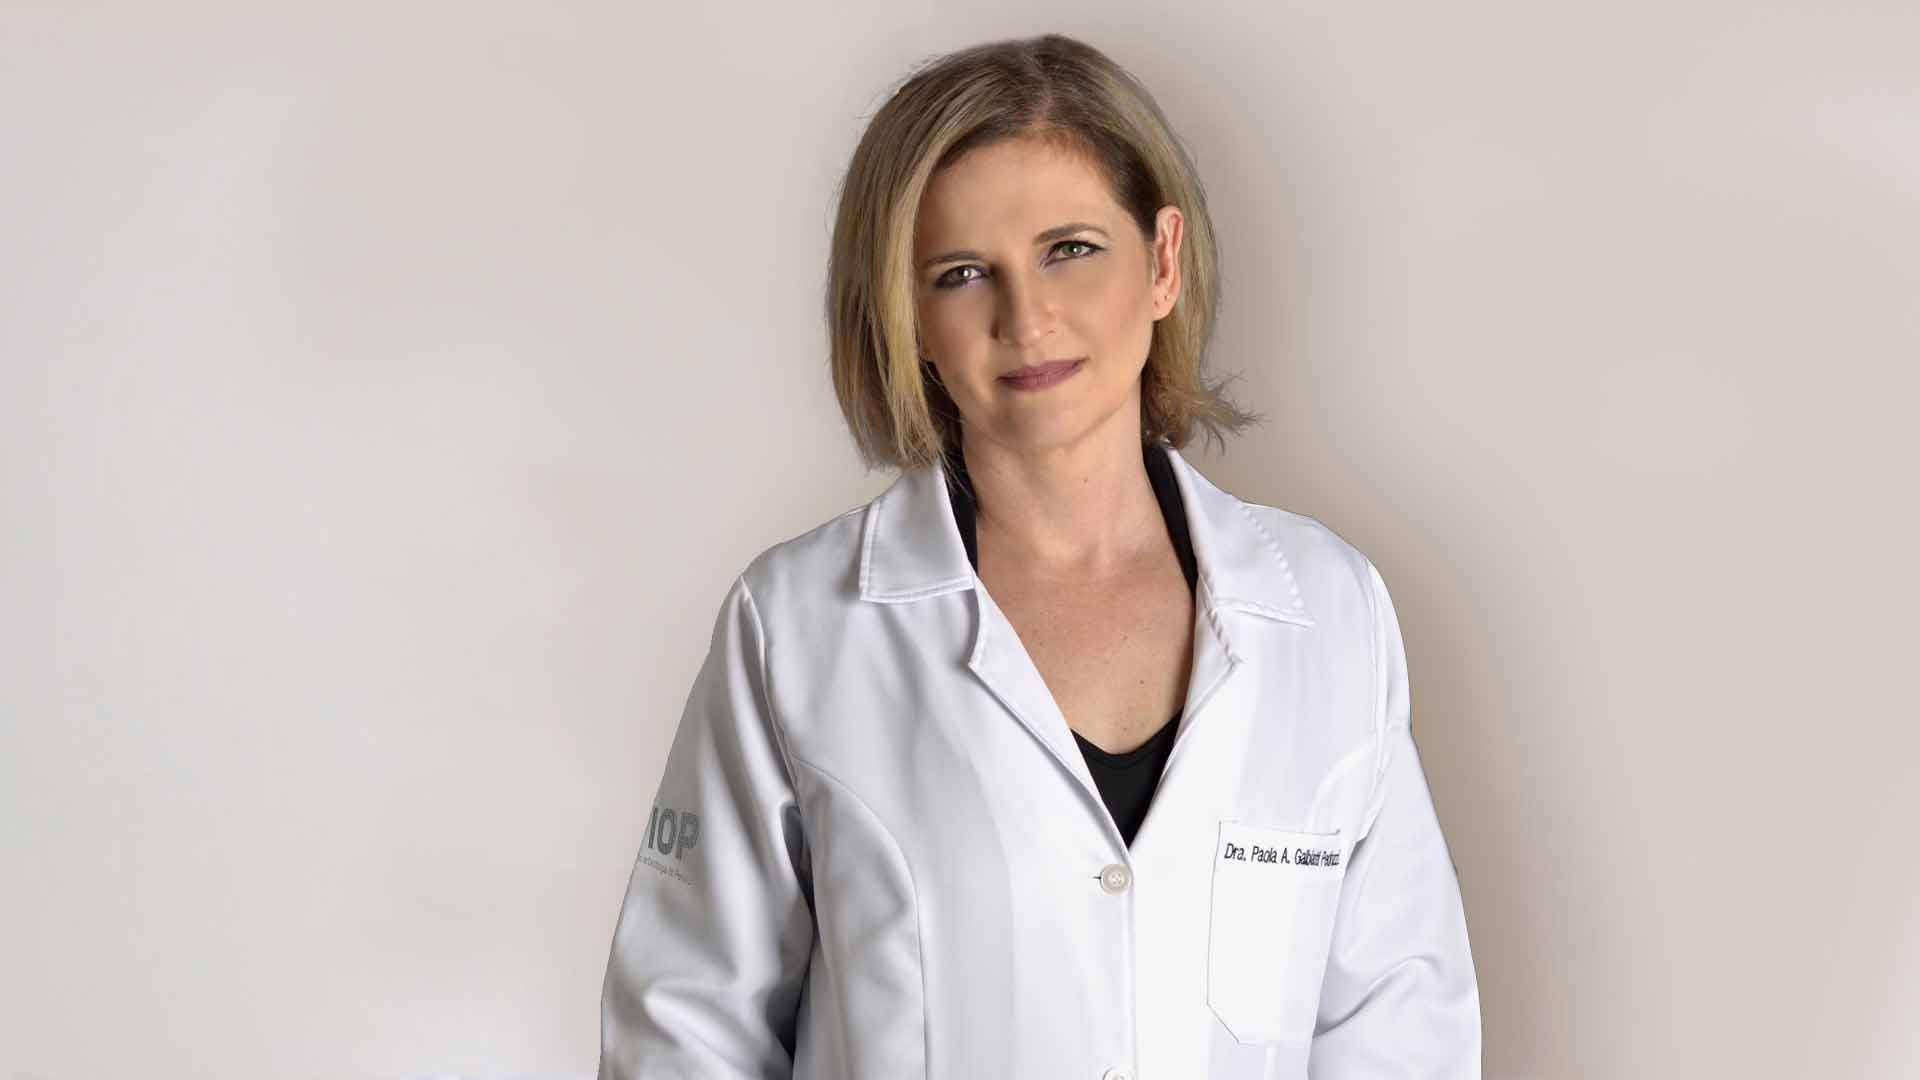 Dra. Paola A. G. Pedruzzi